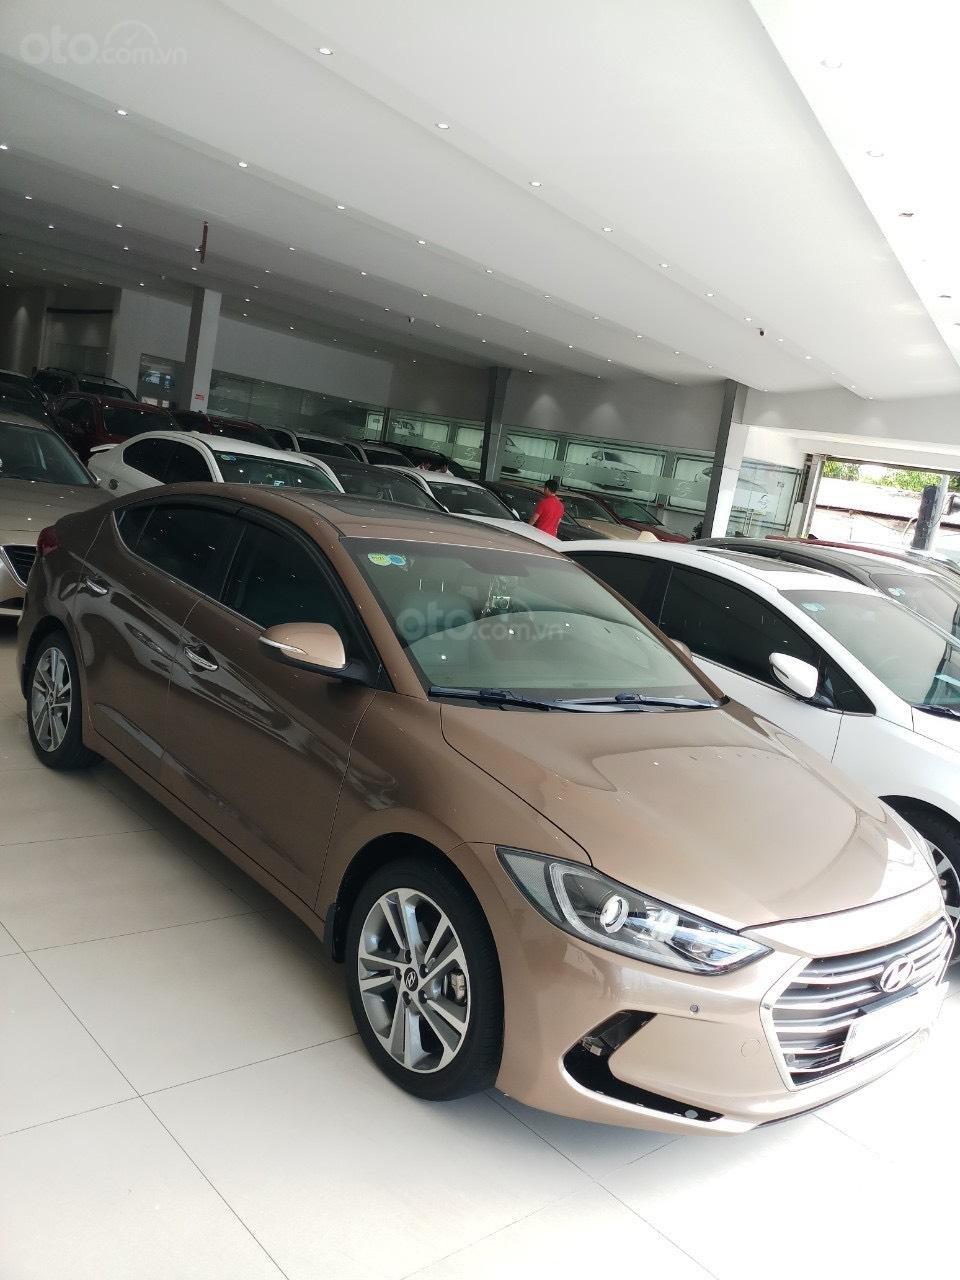 Cần bán Hyundai Elantra 2.0 AT vàng cát 2017 đẹp nguyên bản như mới (7)